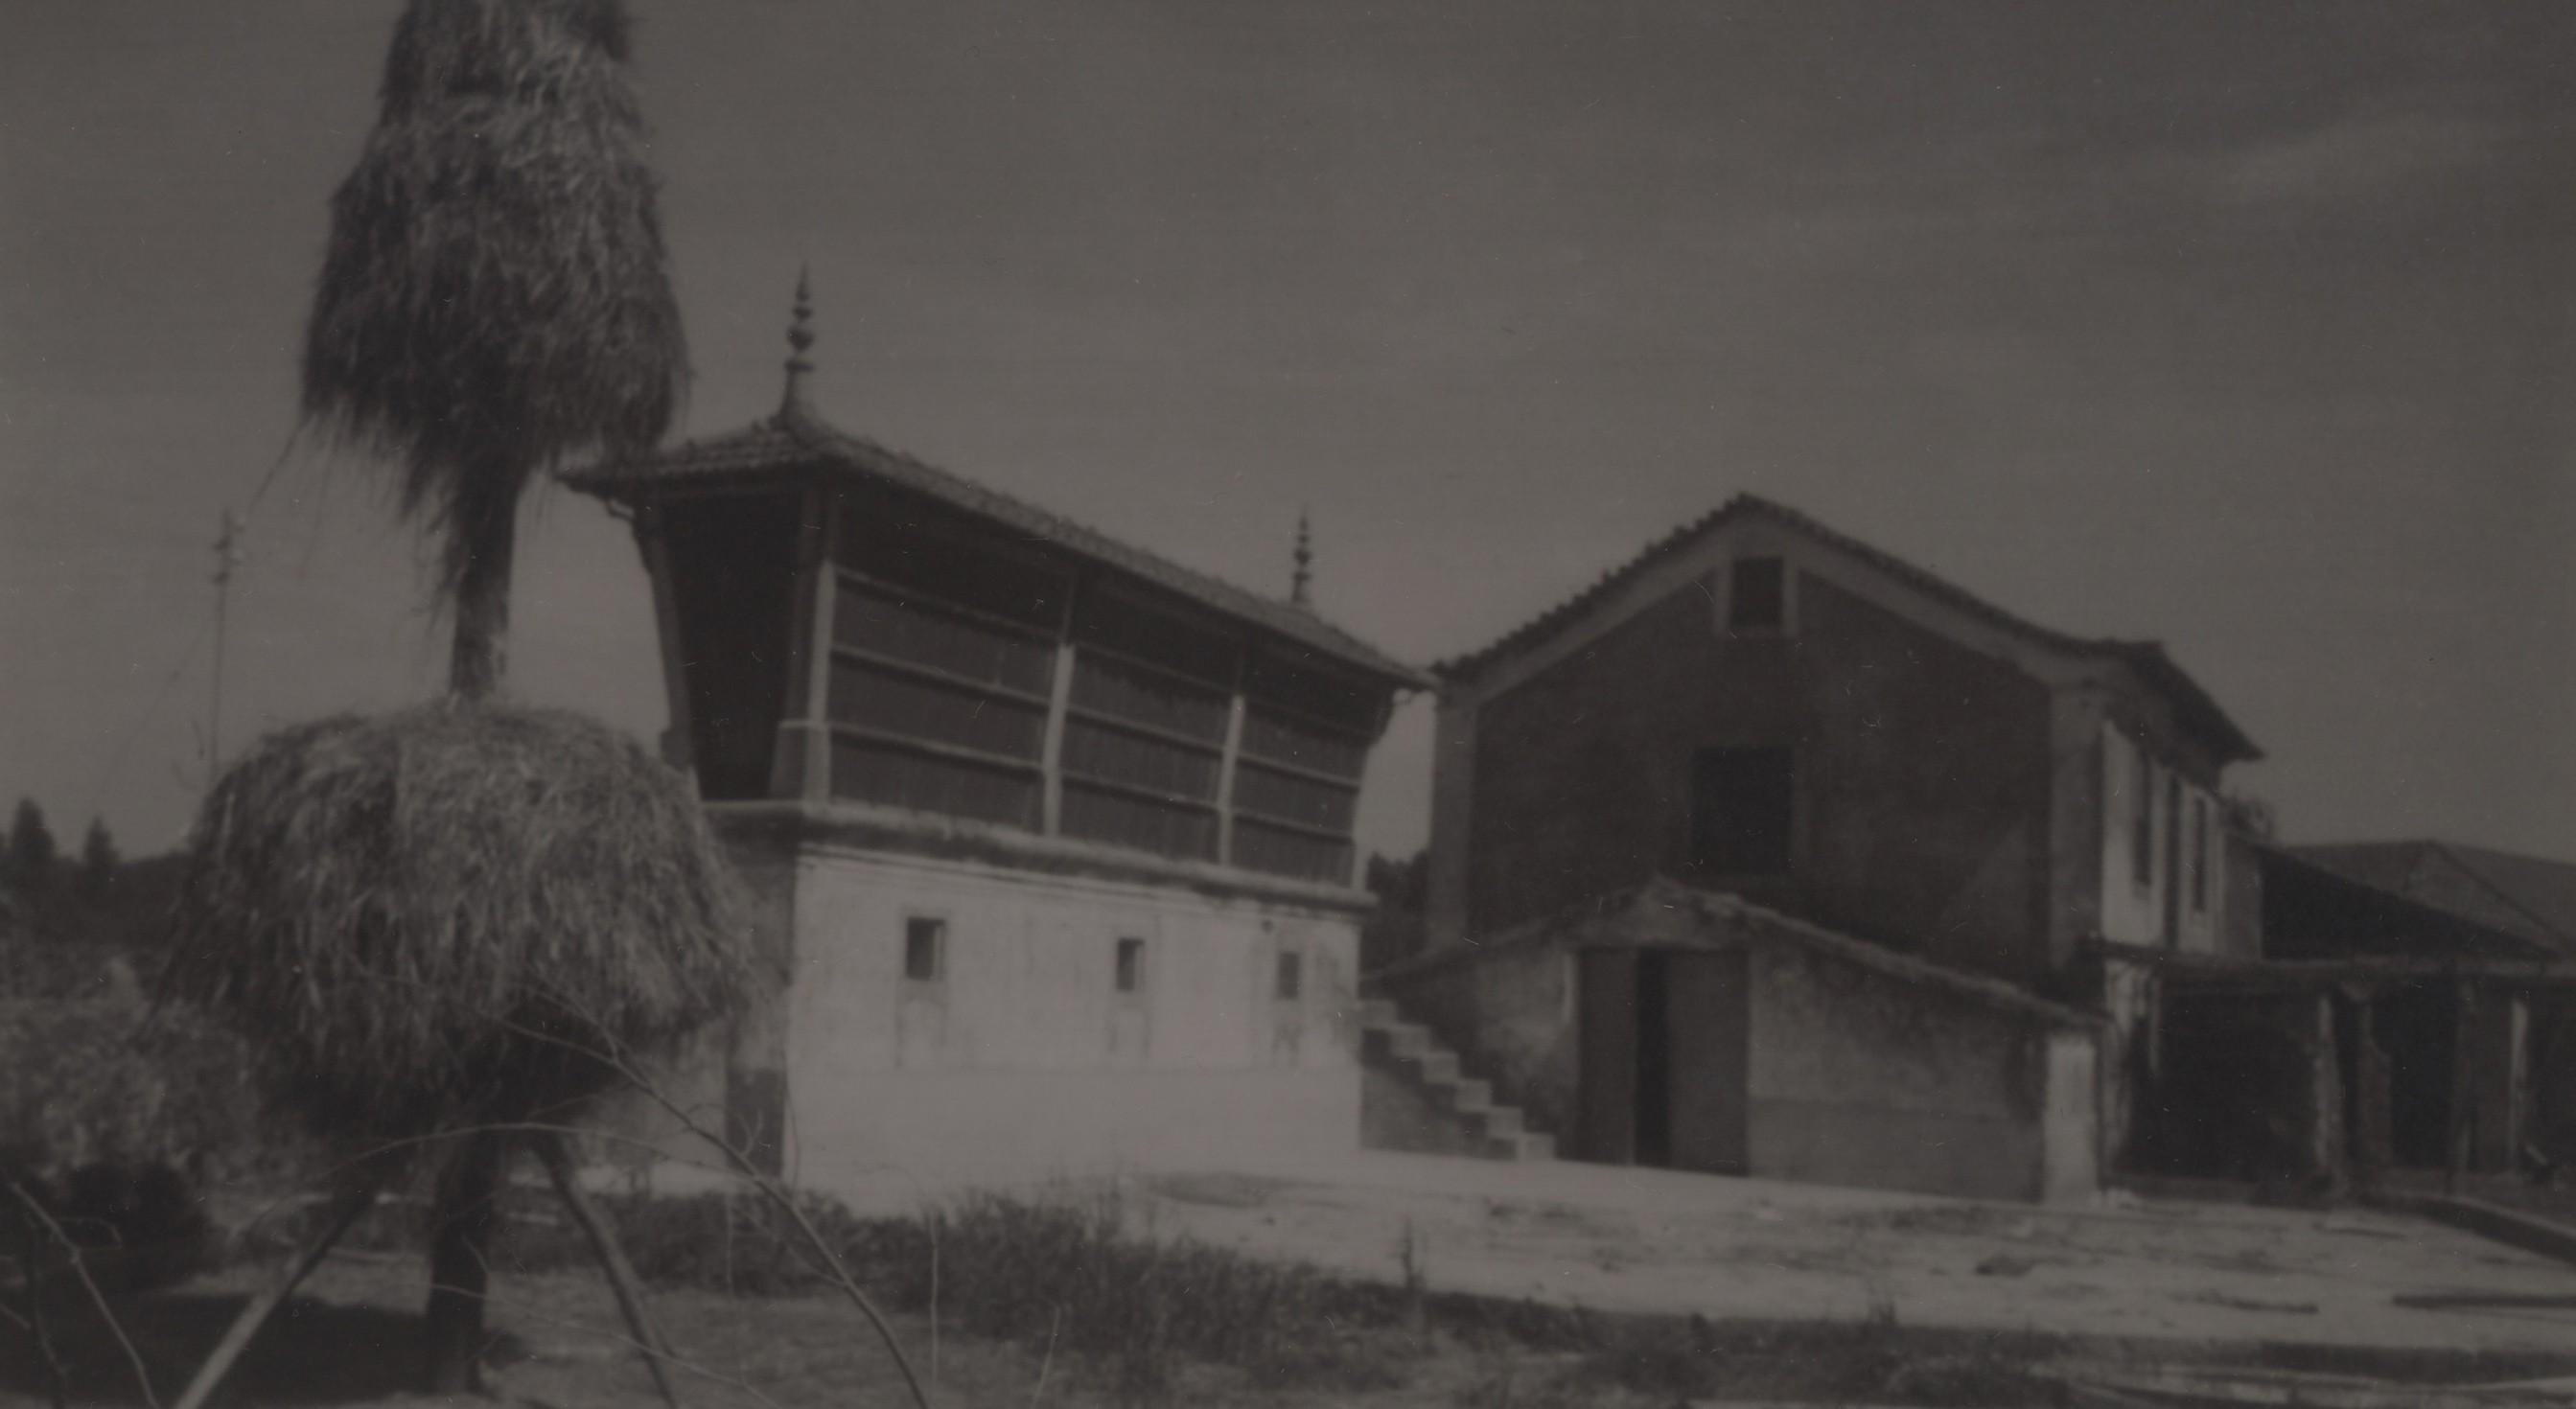 Espigueiro e casa da eira, S. Martinho da Gândara (Anos 60)